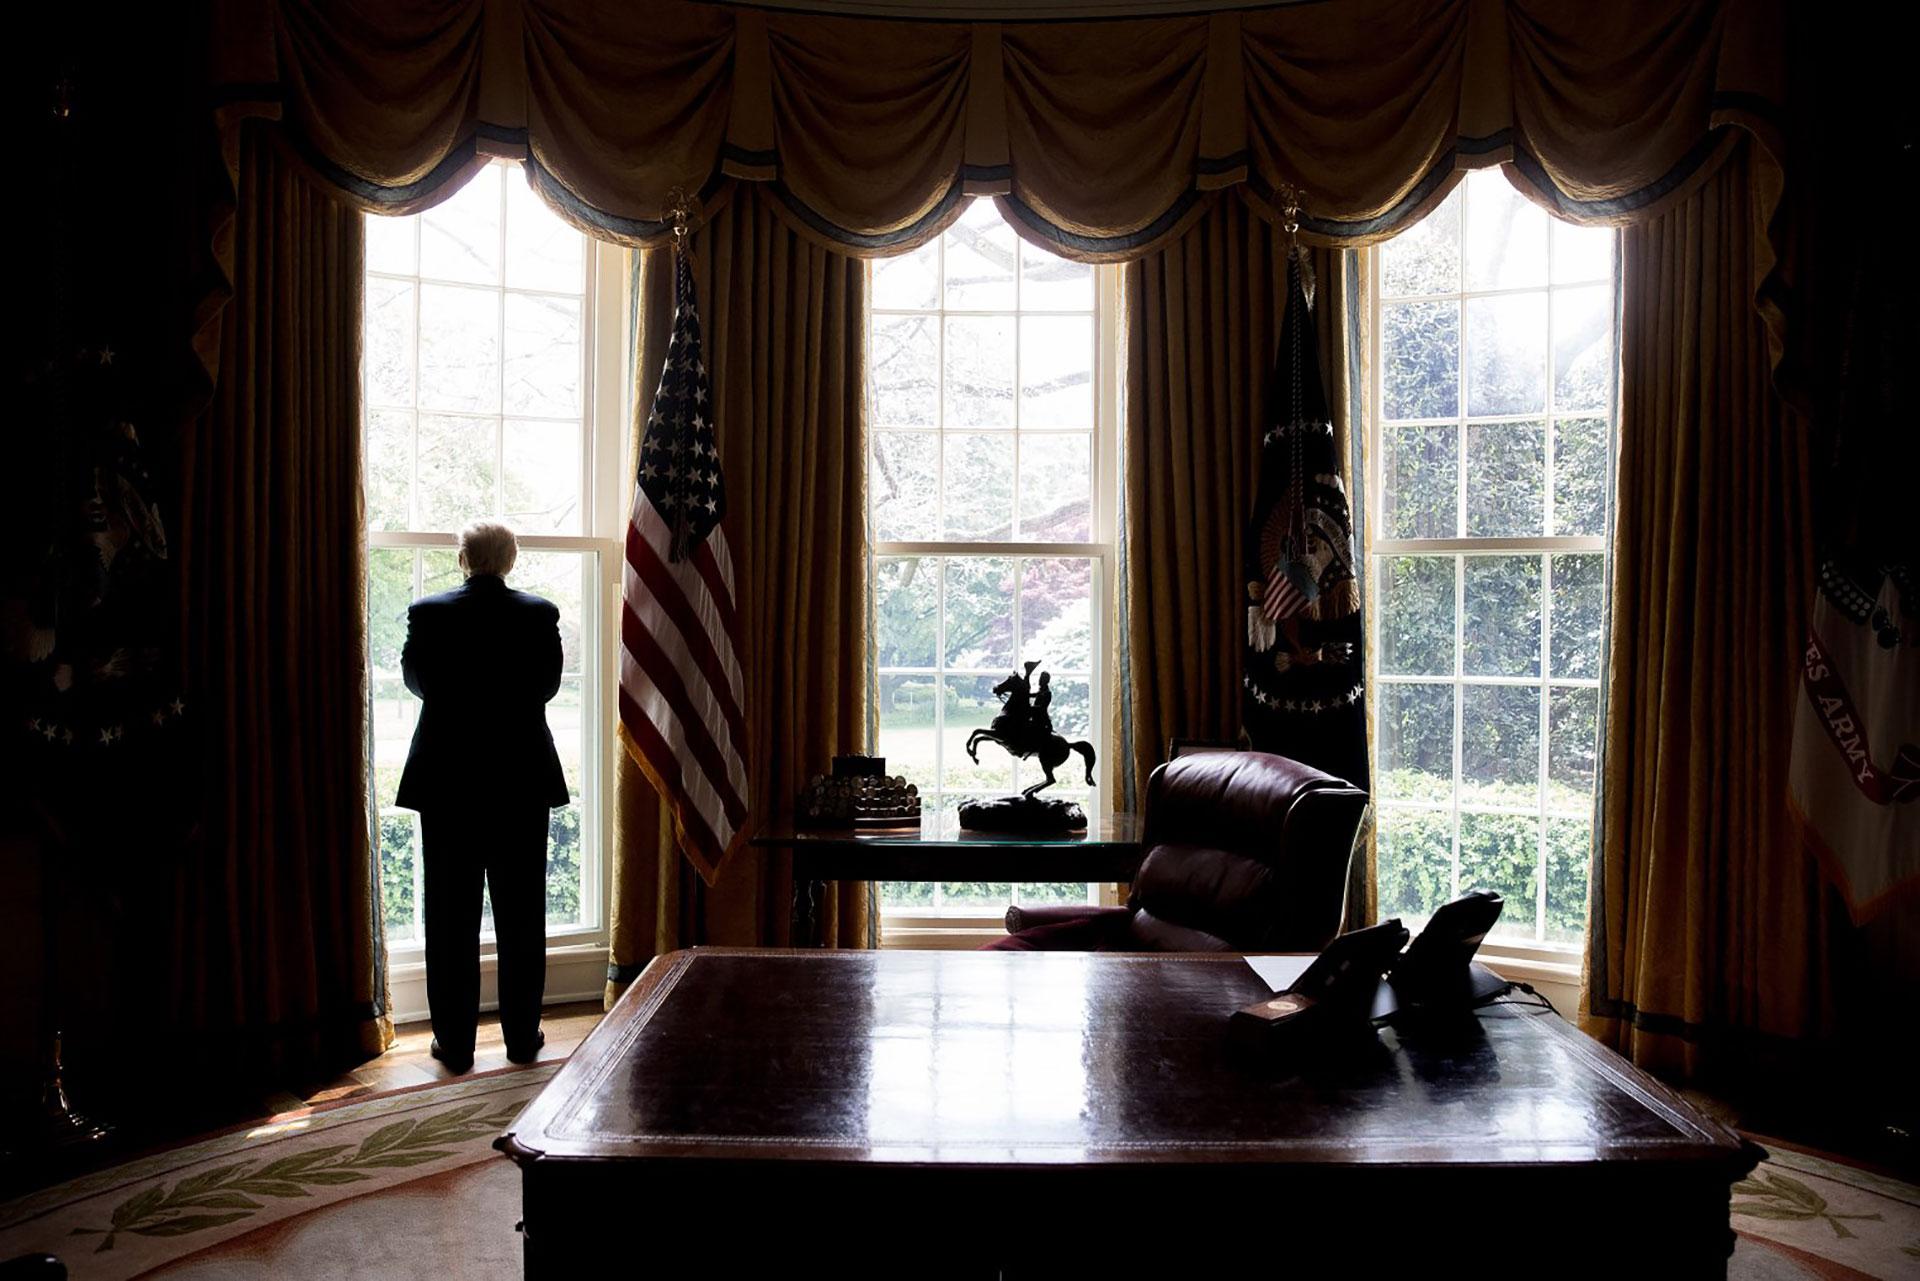 19/4/2017 Donald Trump en el Salón Oval